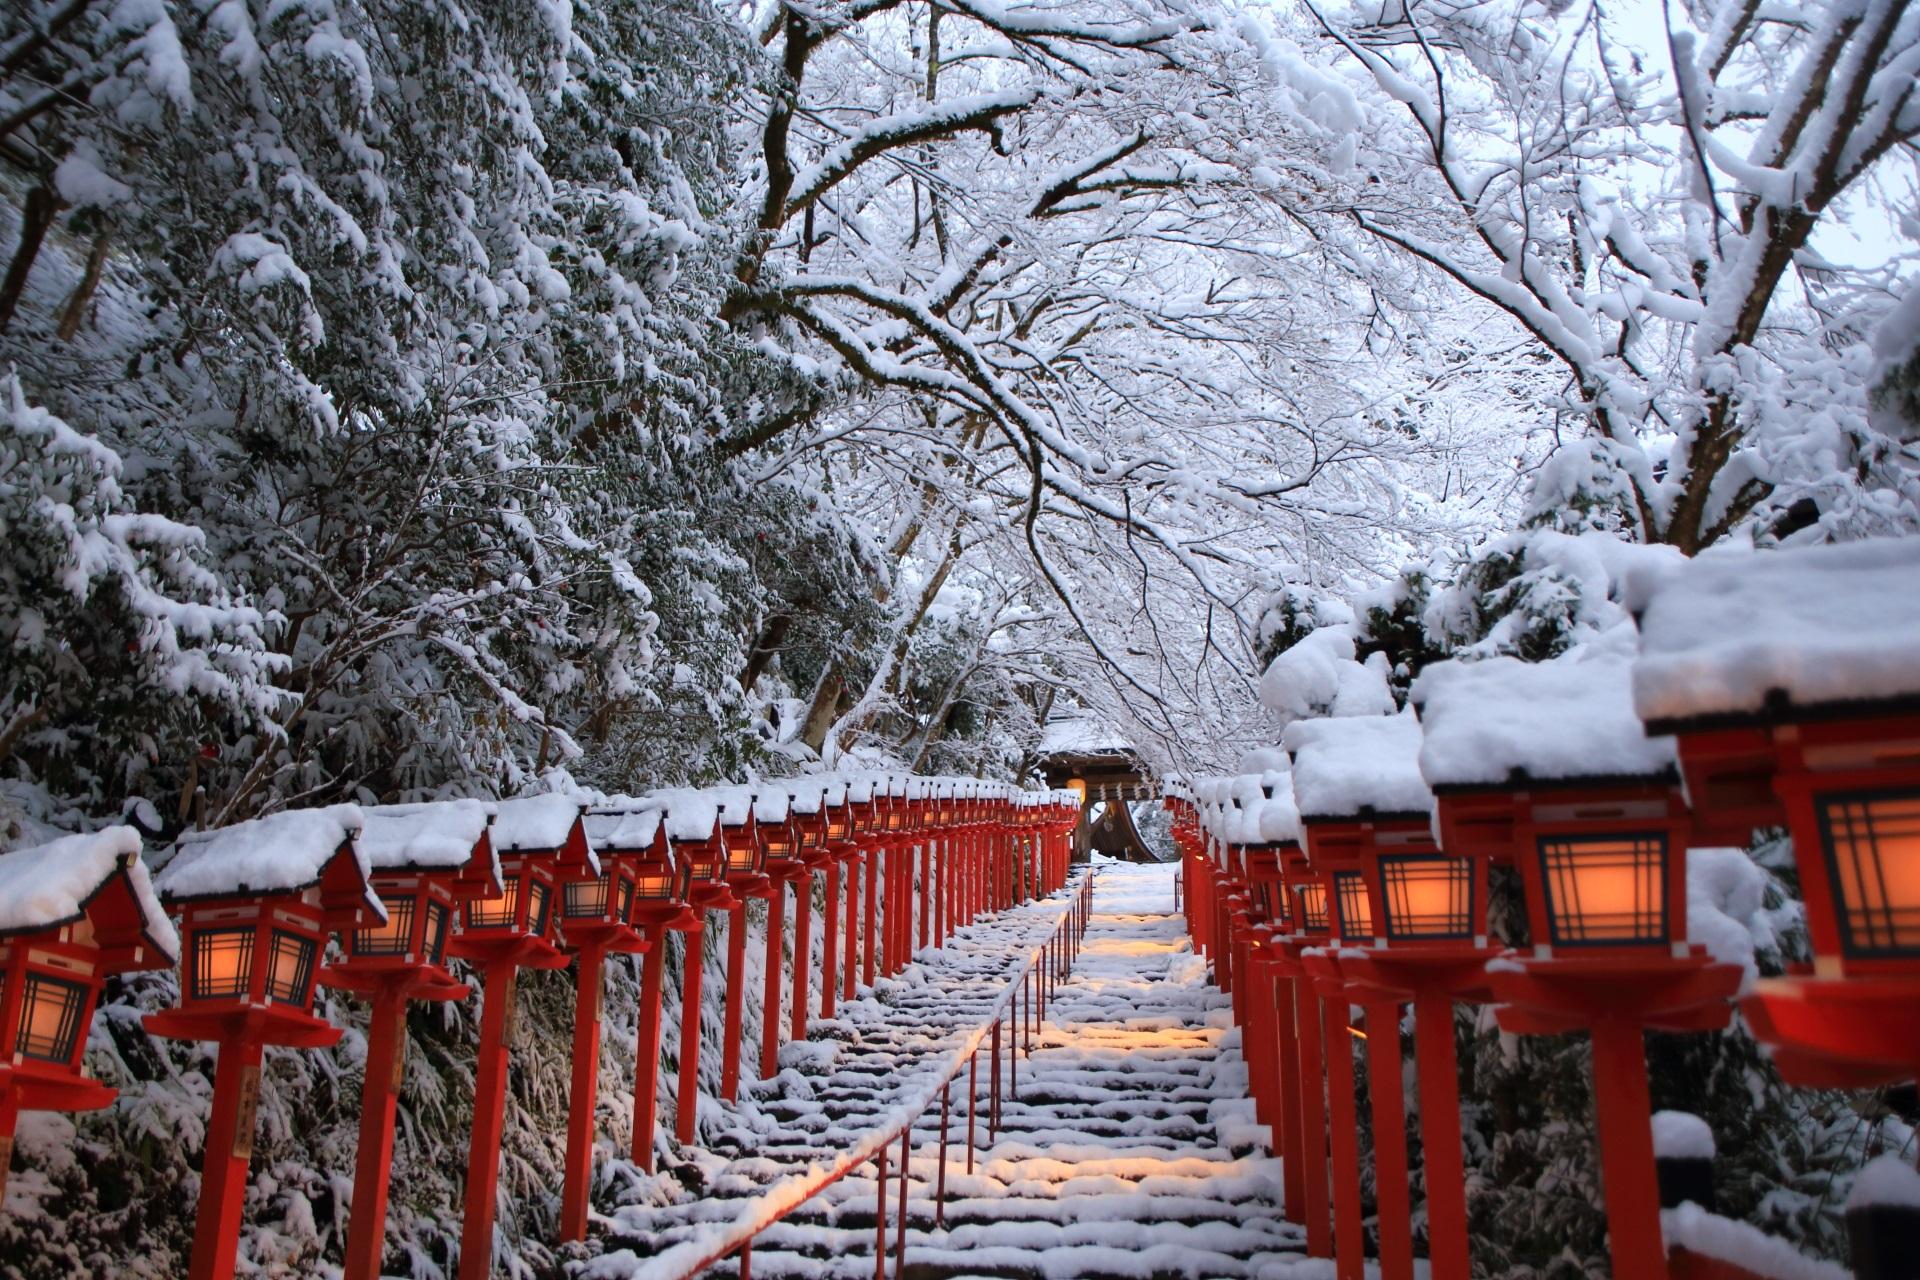 京都市内の北の方にある雪の貴船神社